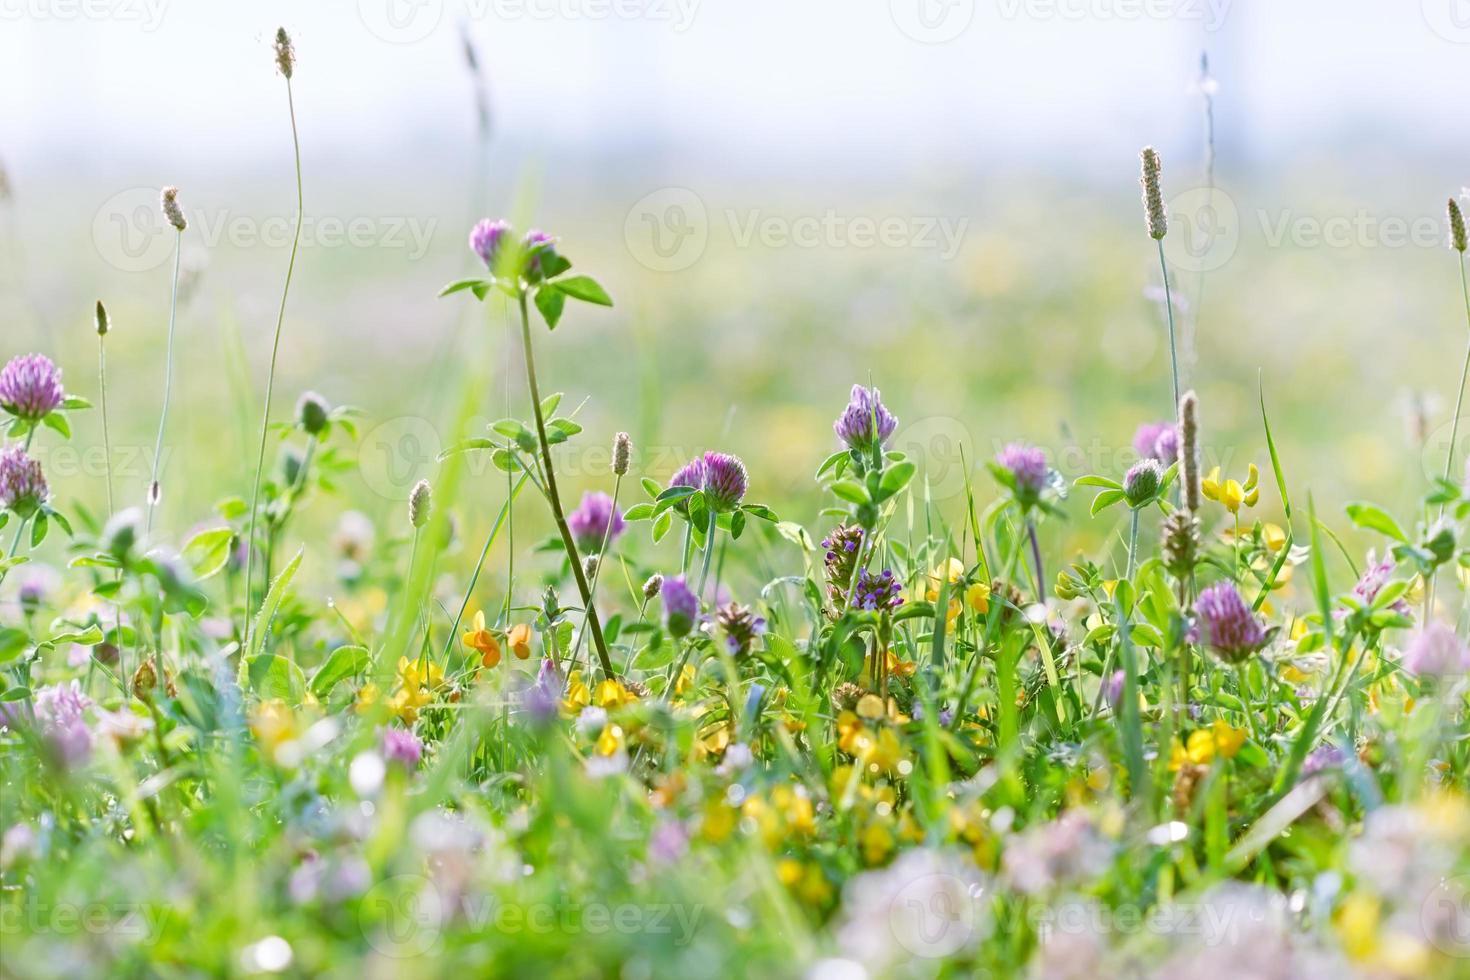 trèfle en fleurs photo